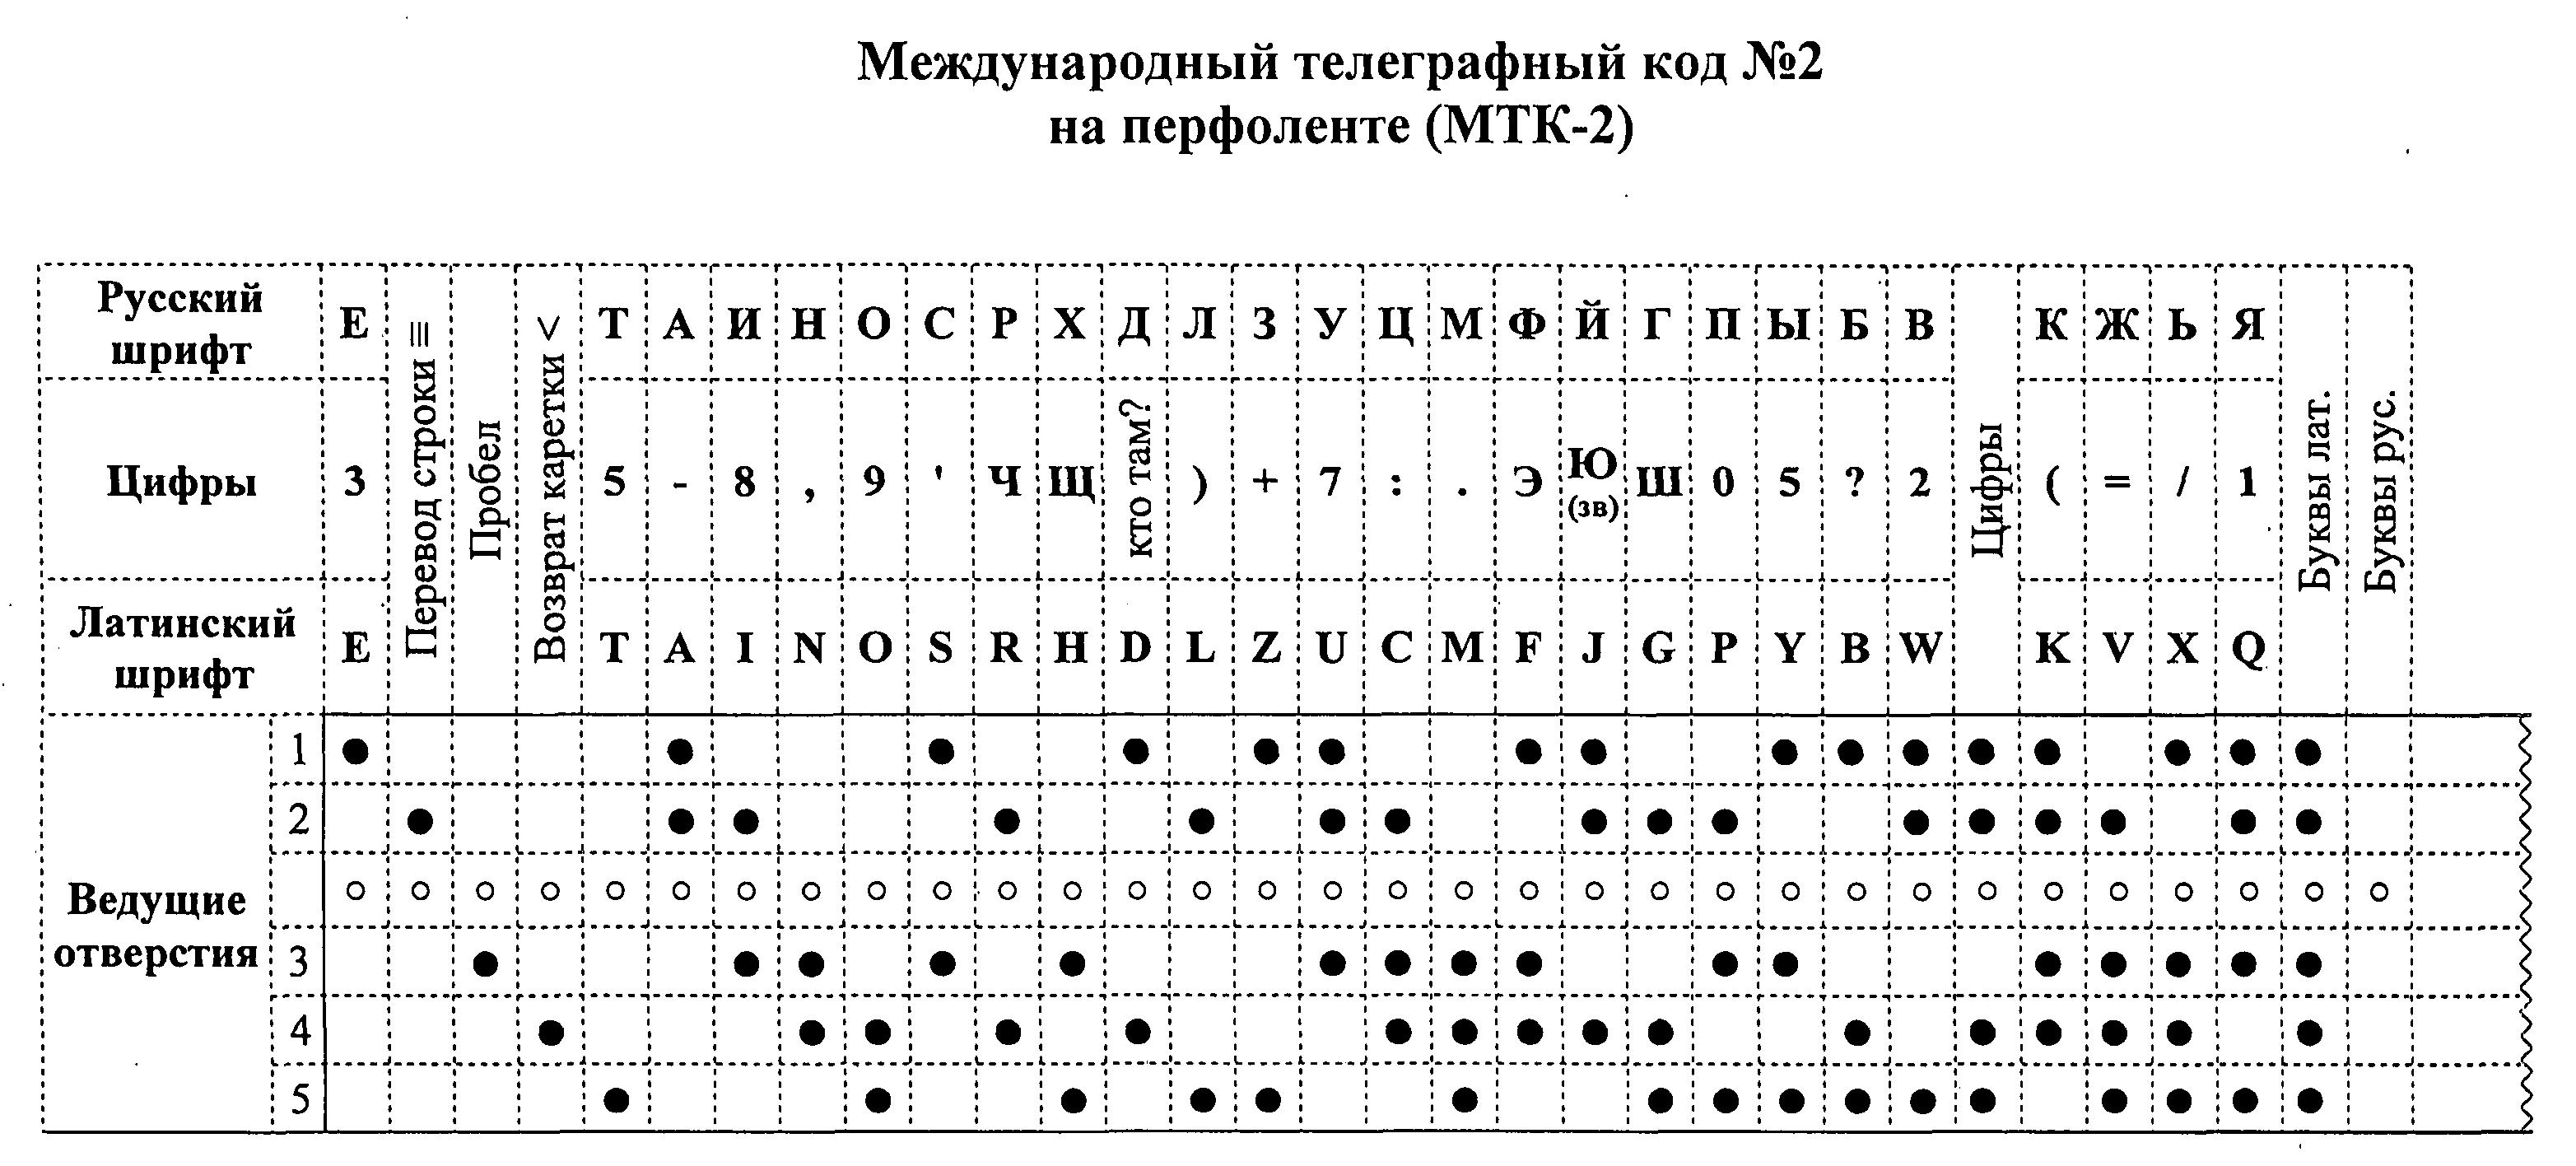 МЕЖДУНАРОДНЫЙ ТЕЛЕГРАФНЫЙ КОД N 2 НА ПЕРФОЛЕНТЕ (МТК-2)